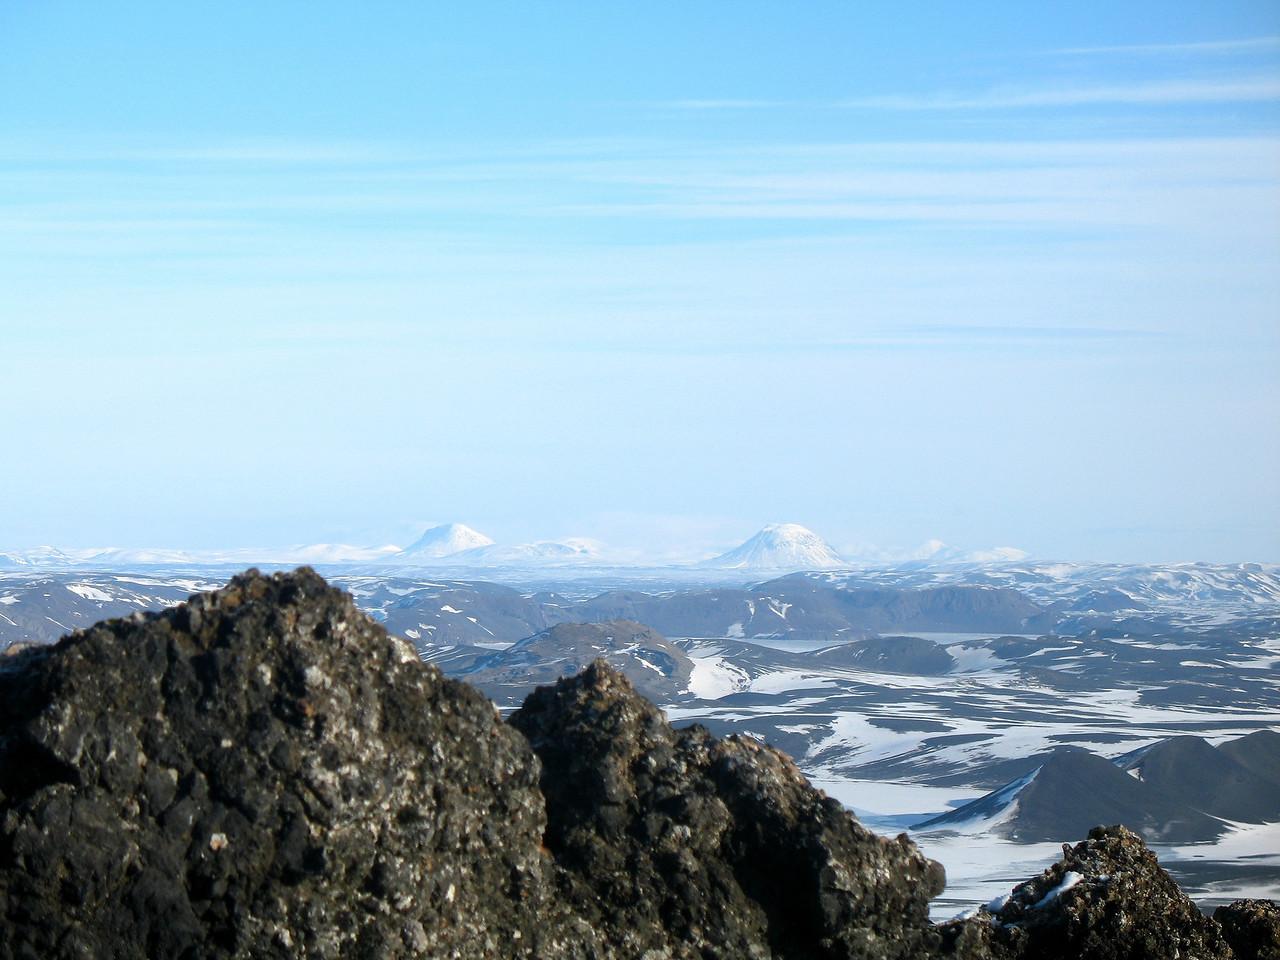 Útsýnið af toppnum - í norðaustri eru Hágöngur.